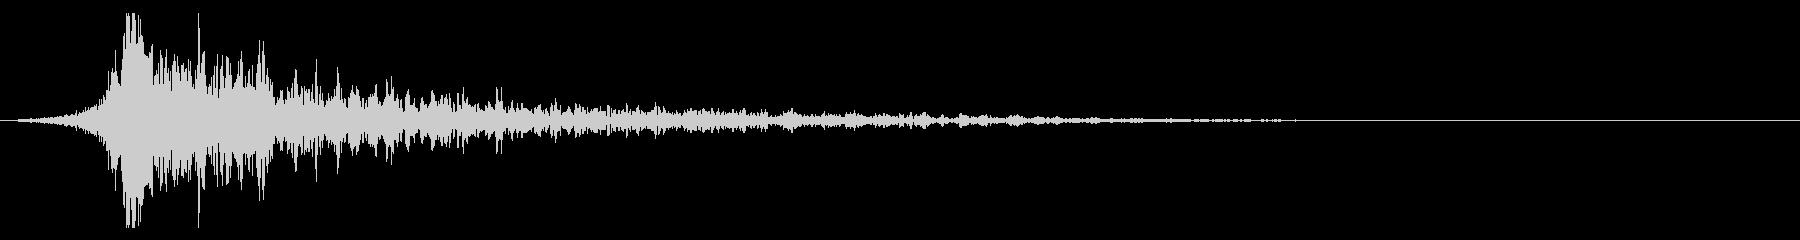 シュードーン-32-2(インパクト音)の未再生の波形